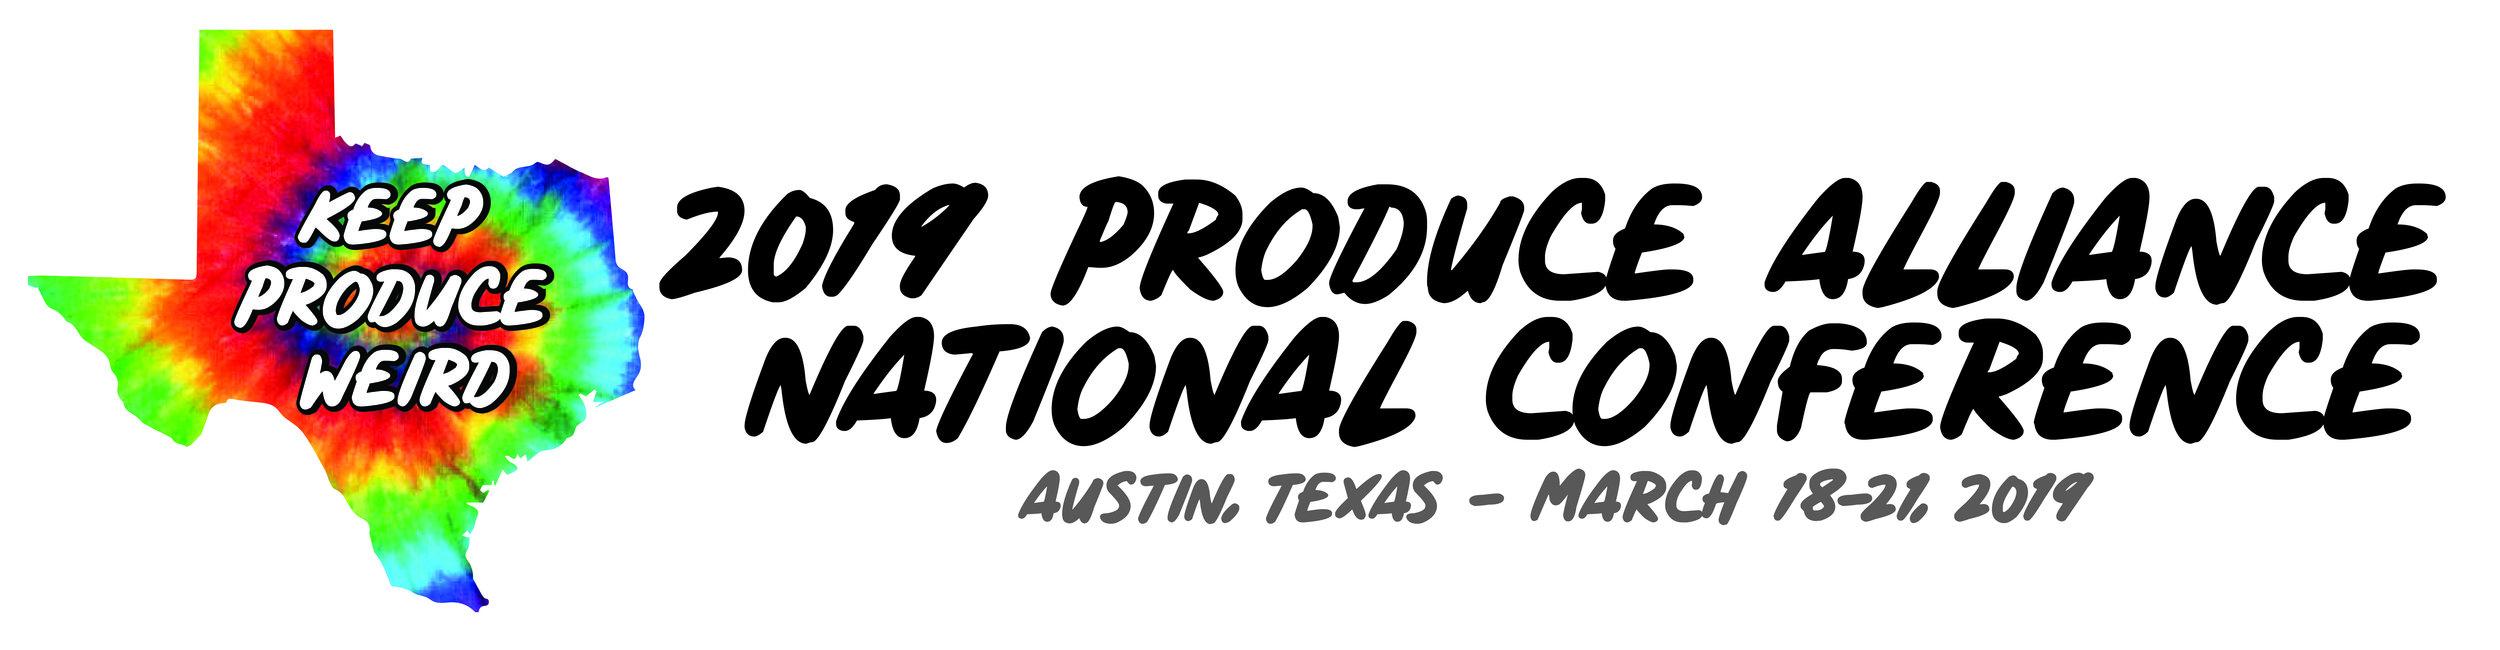 NEON V1_Final_National Conference Logo.jpg